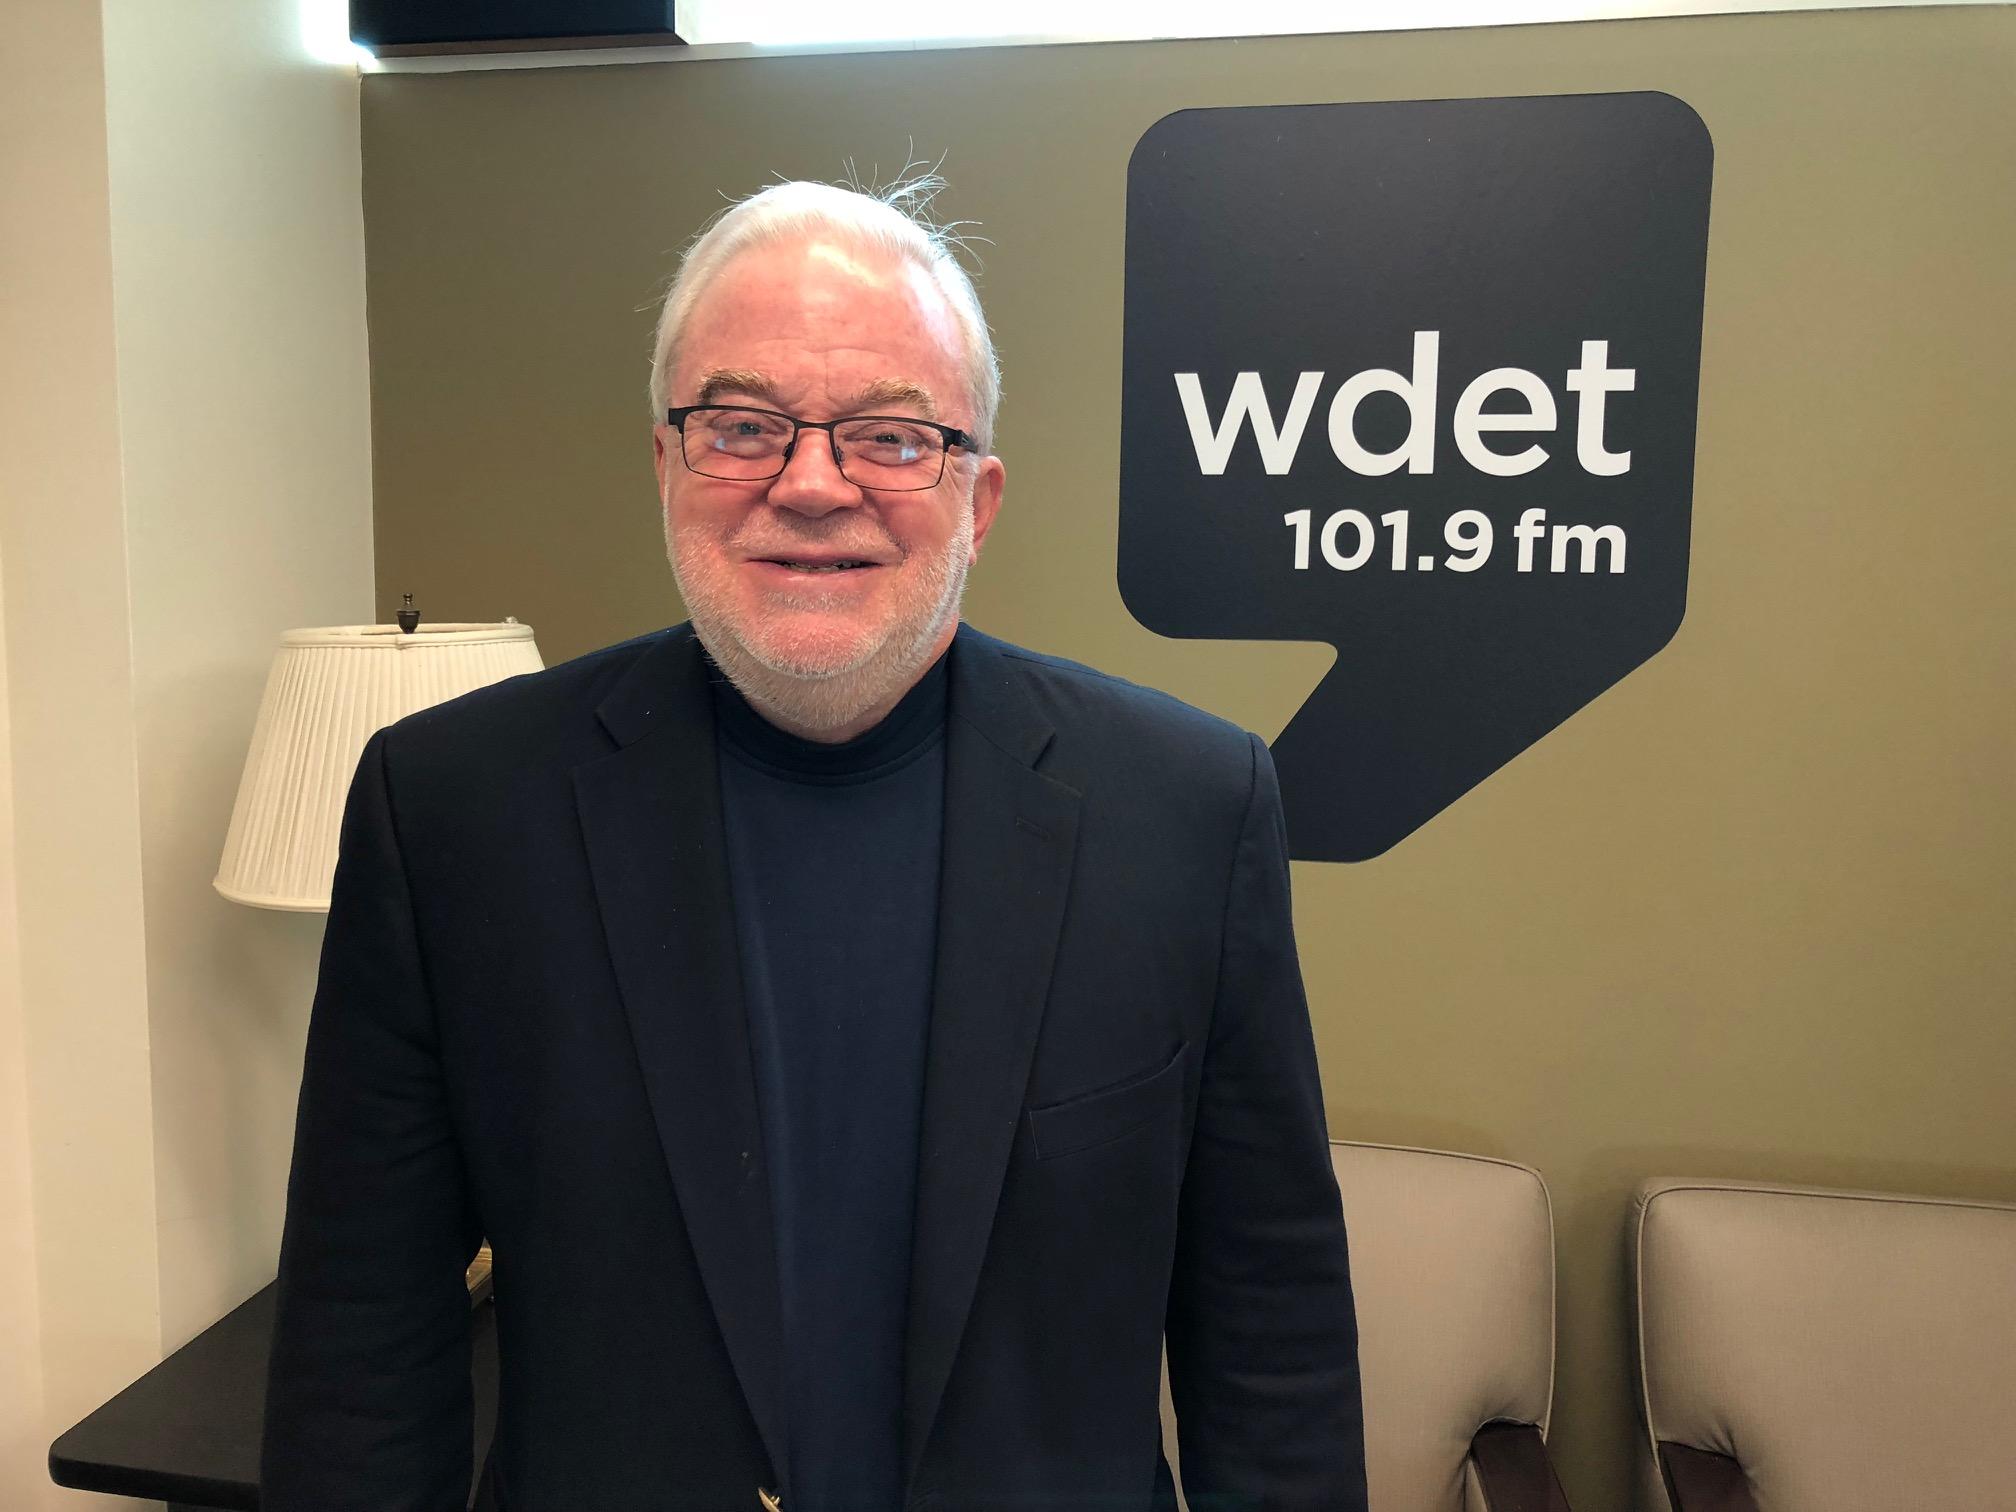 Jim wallis the new evangelical leaders, part